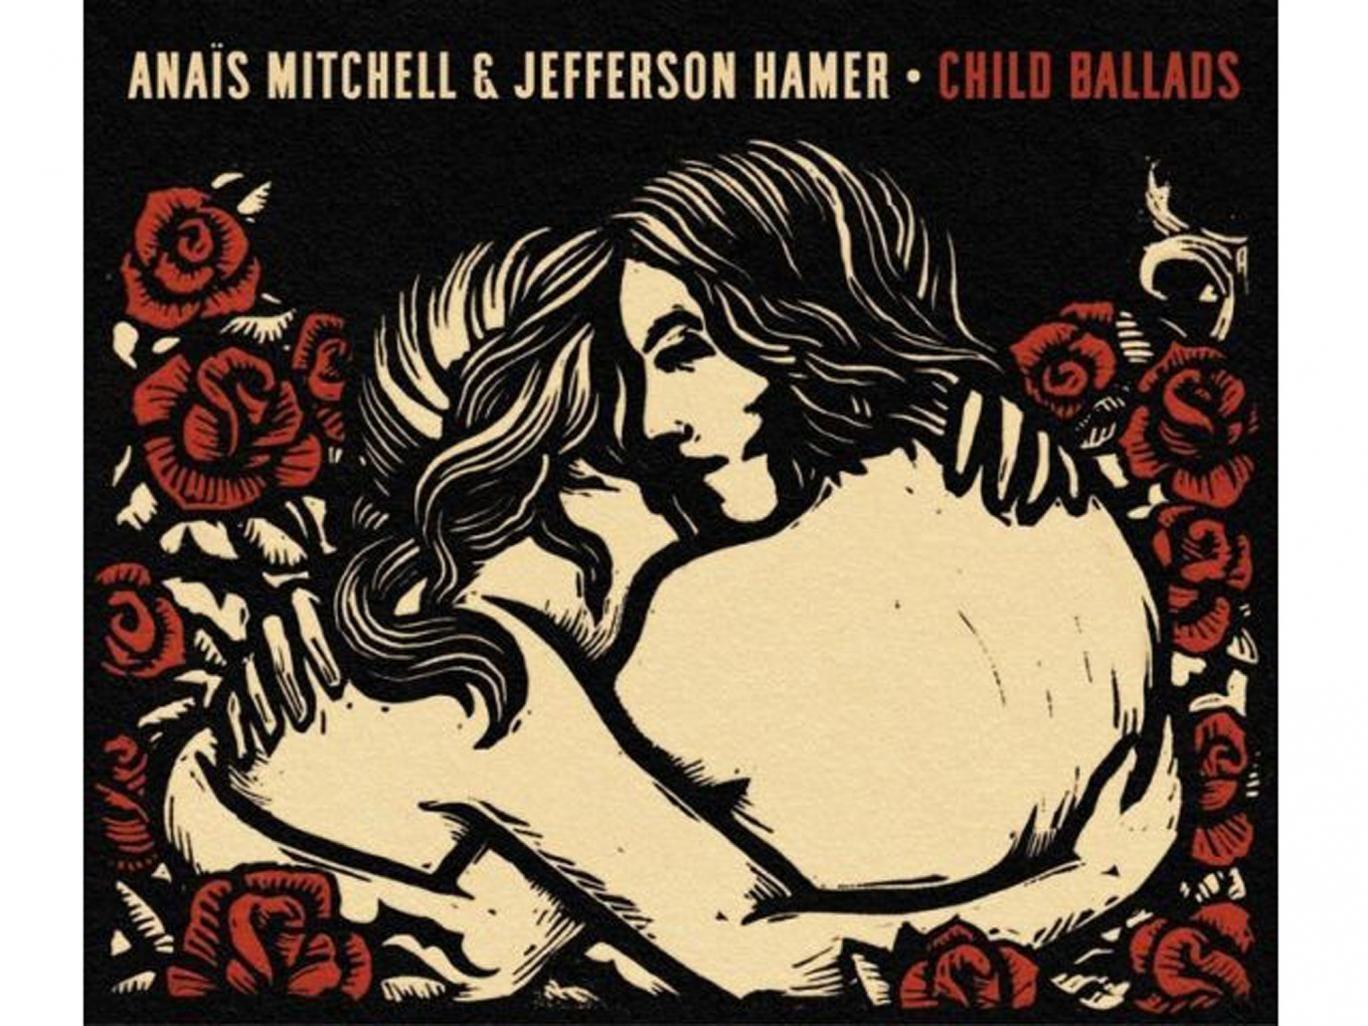 Anaïs Mitchell & Jefferson Hamer, Child Ballads (Wilderland)